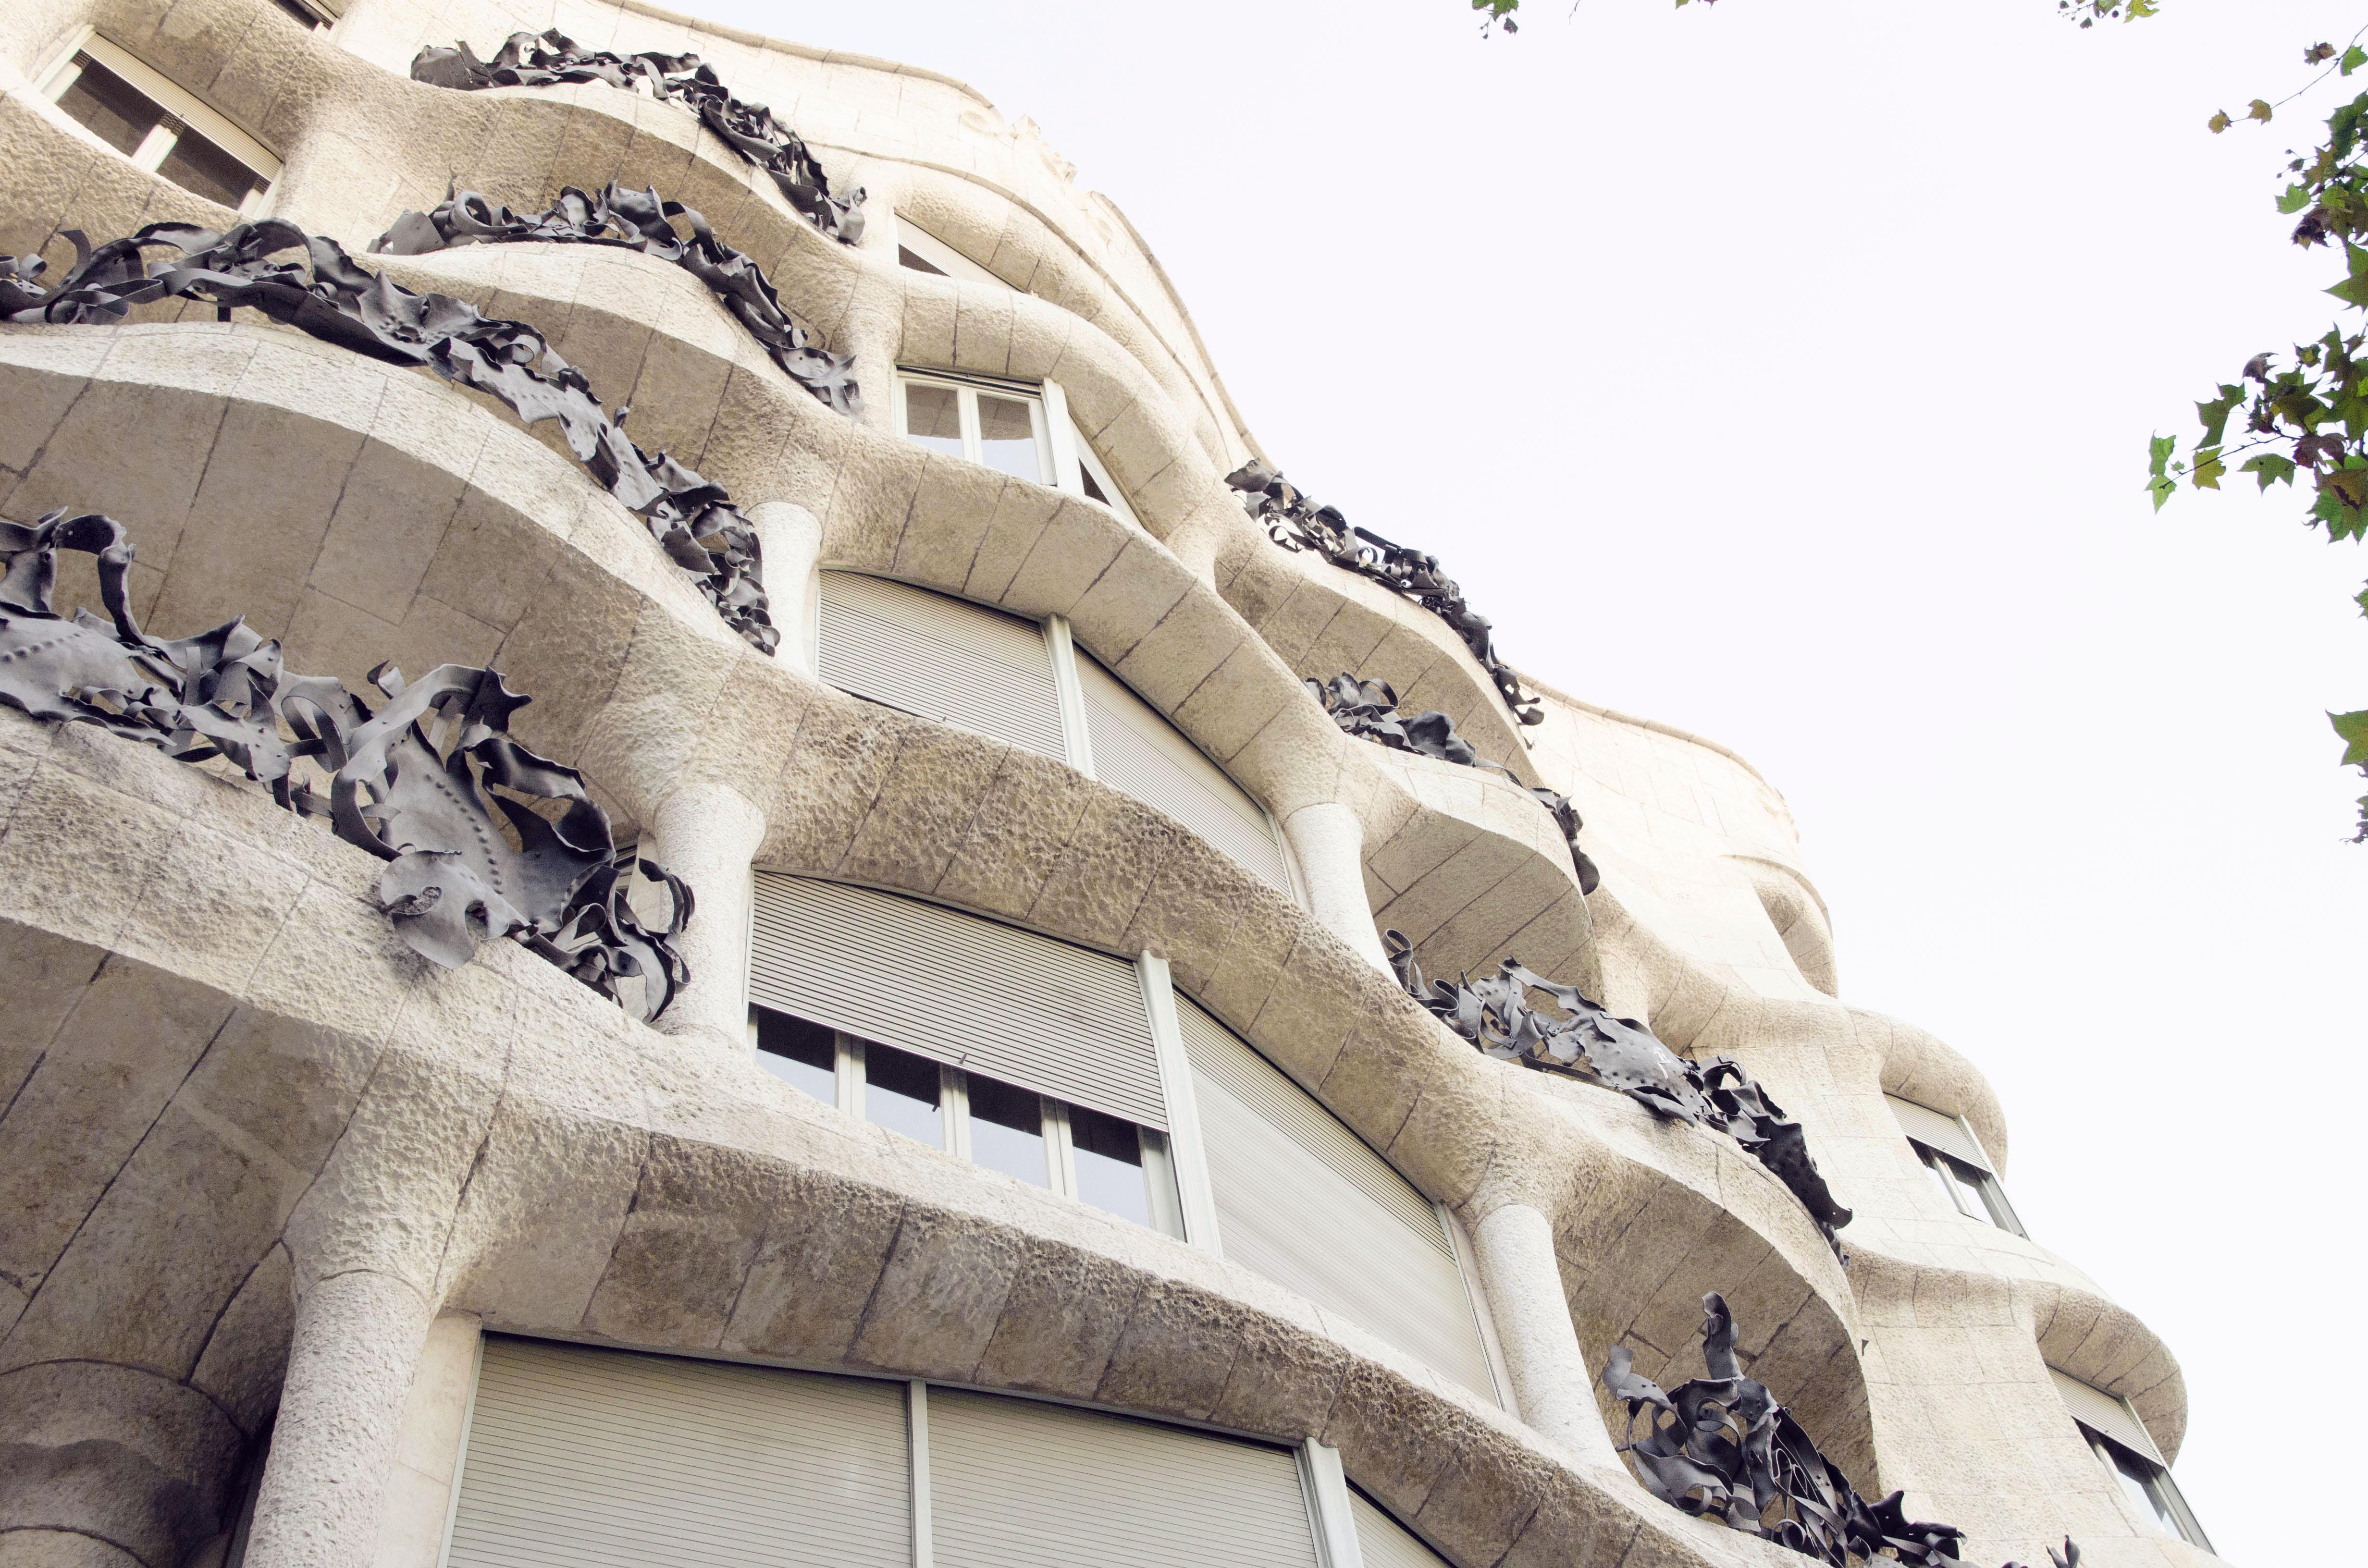 La Pedrera - Casa Mila, Barcelona